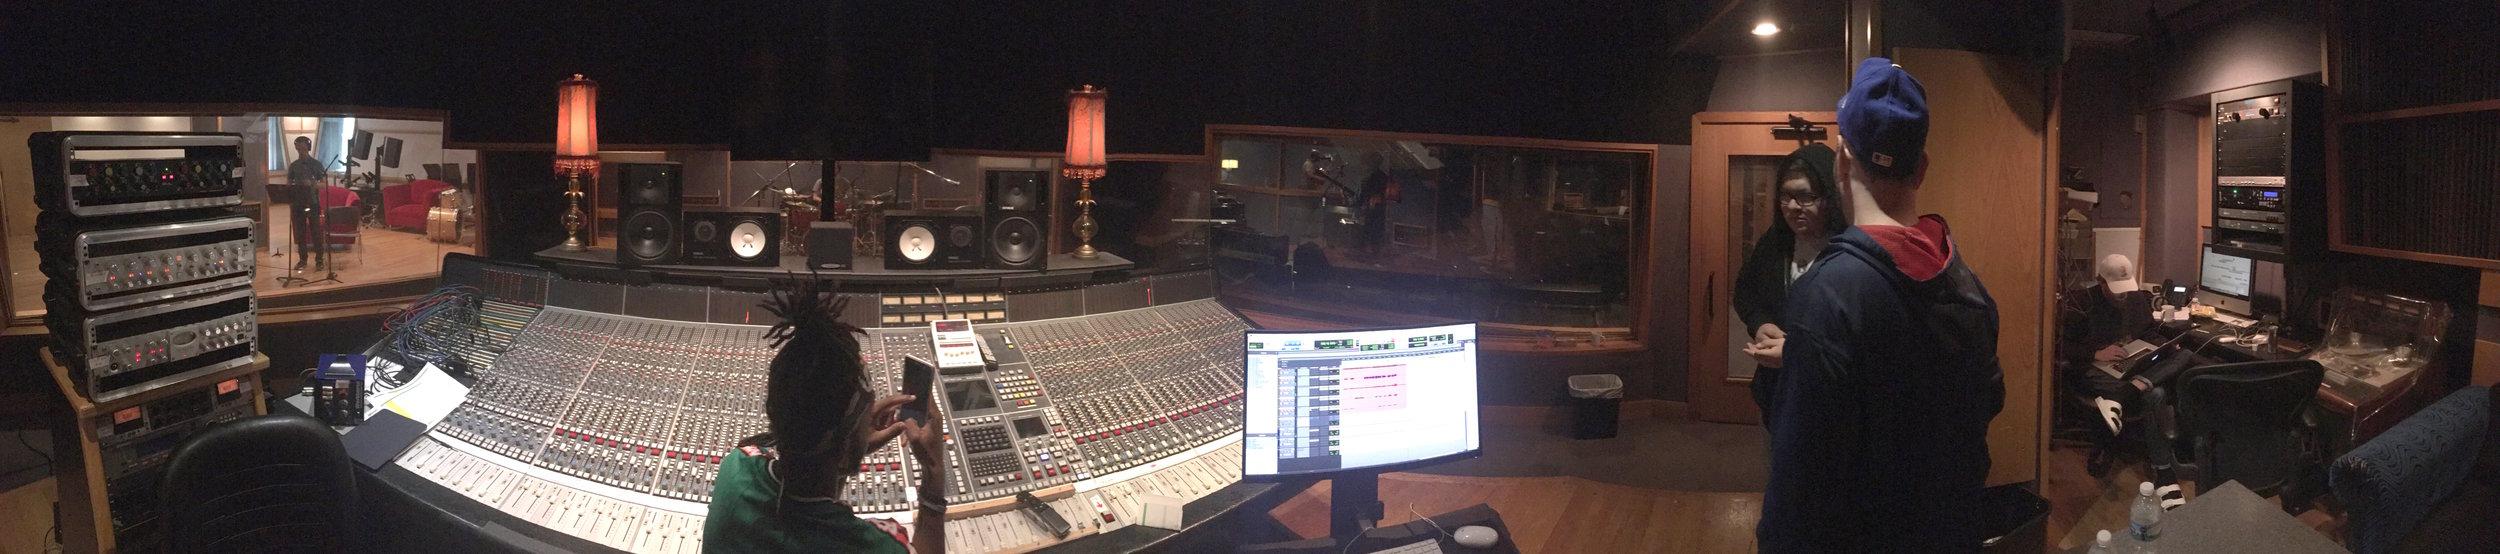 @ CRC Studio 5, Chicago